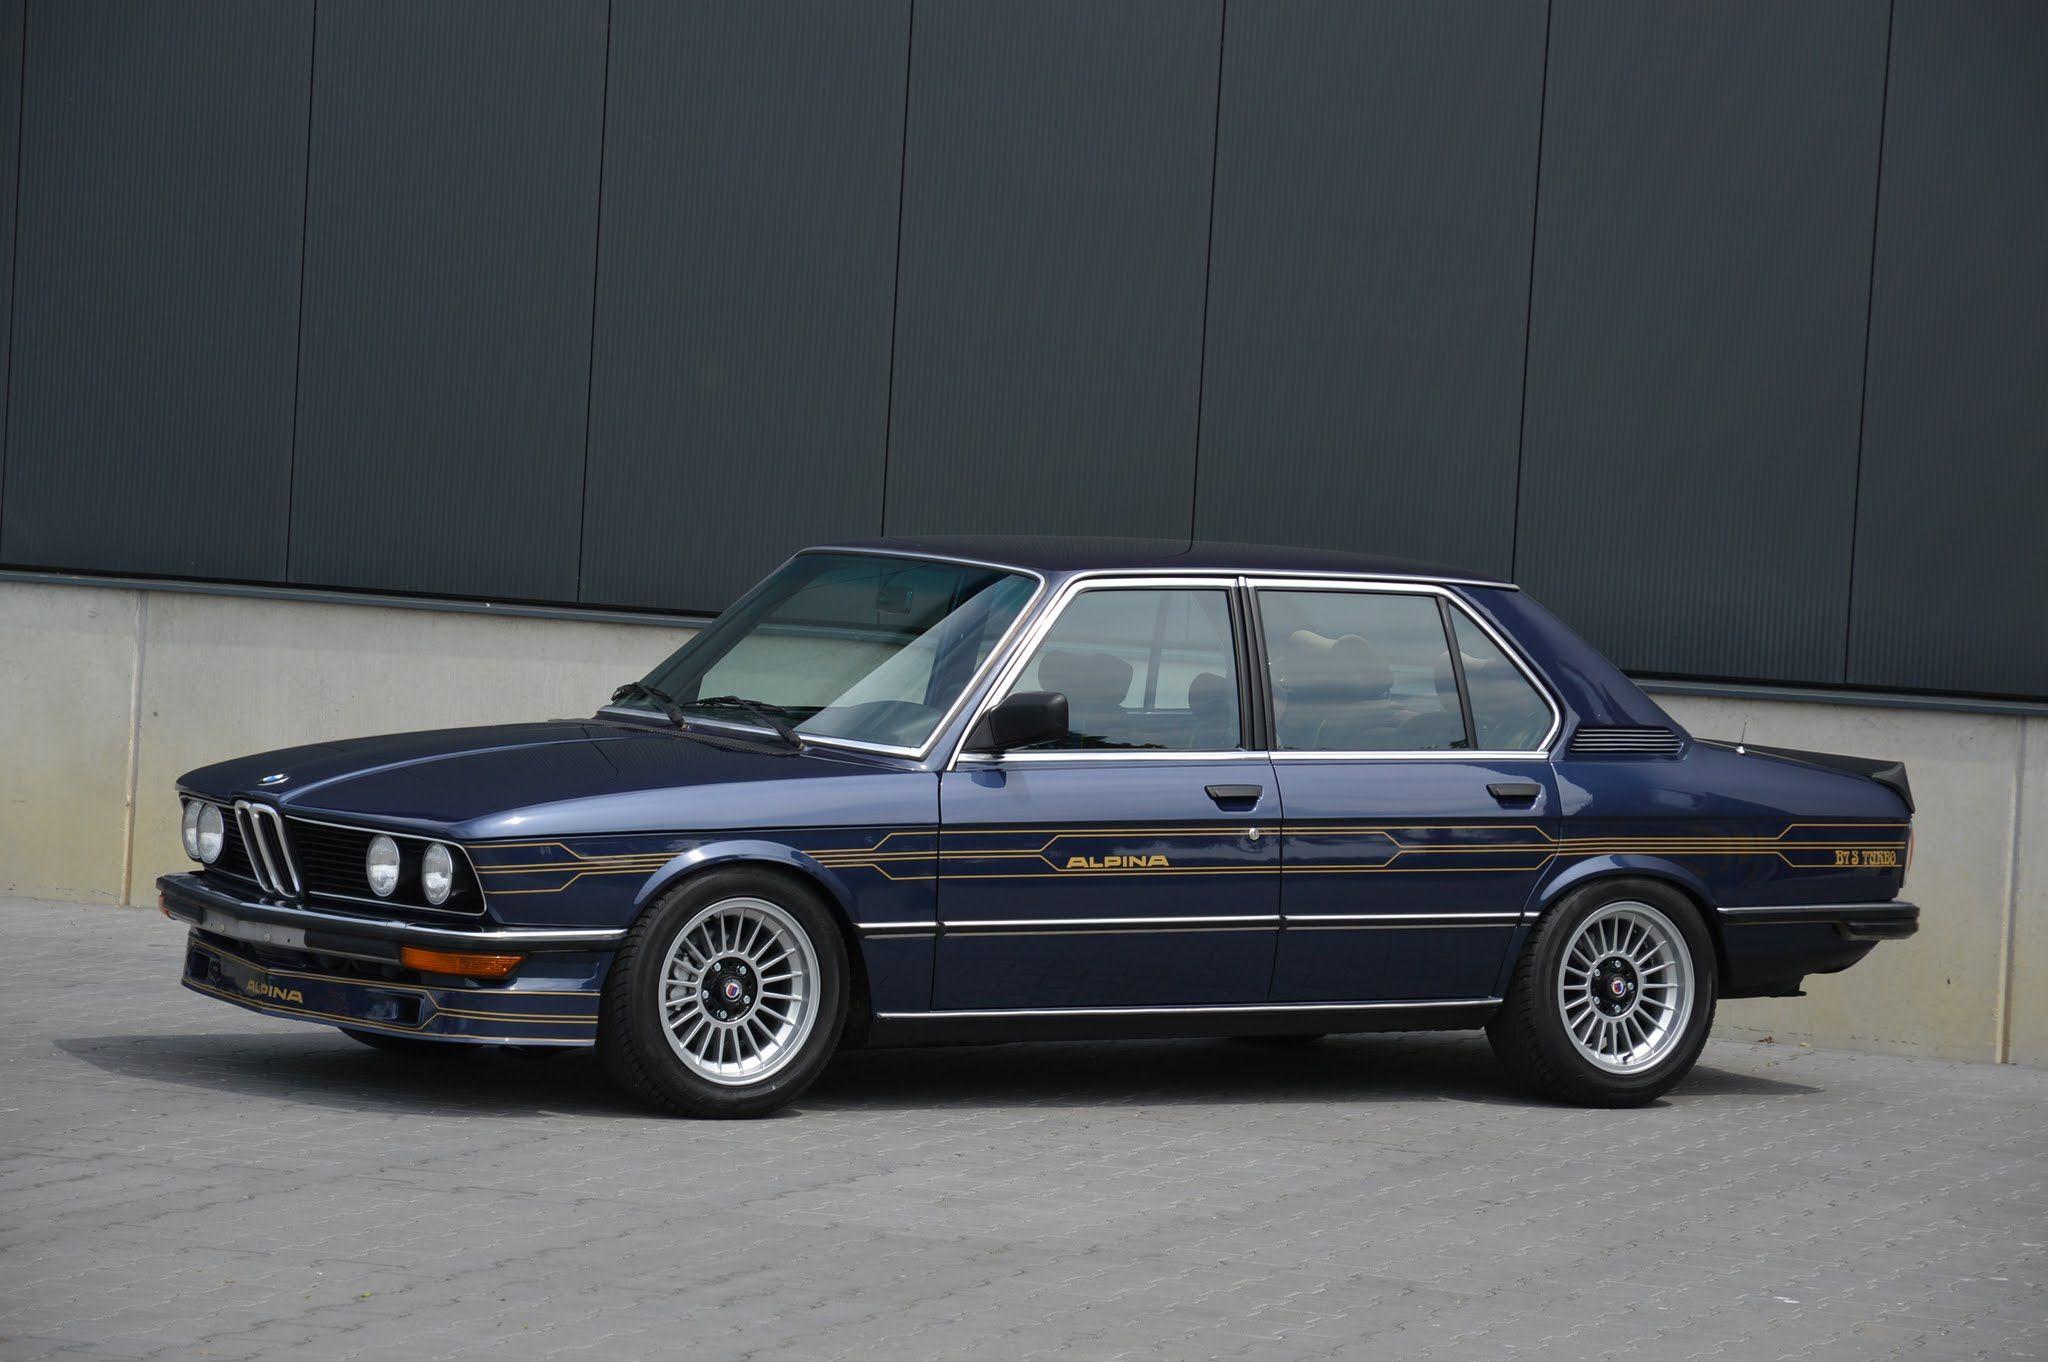 1981 82 E12 Alpina B7 S Turbo Classic Bmw Bmw Bmw Alpina Bmw